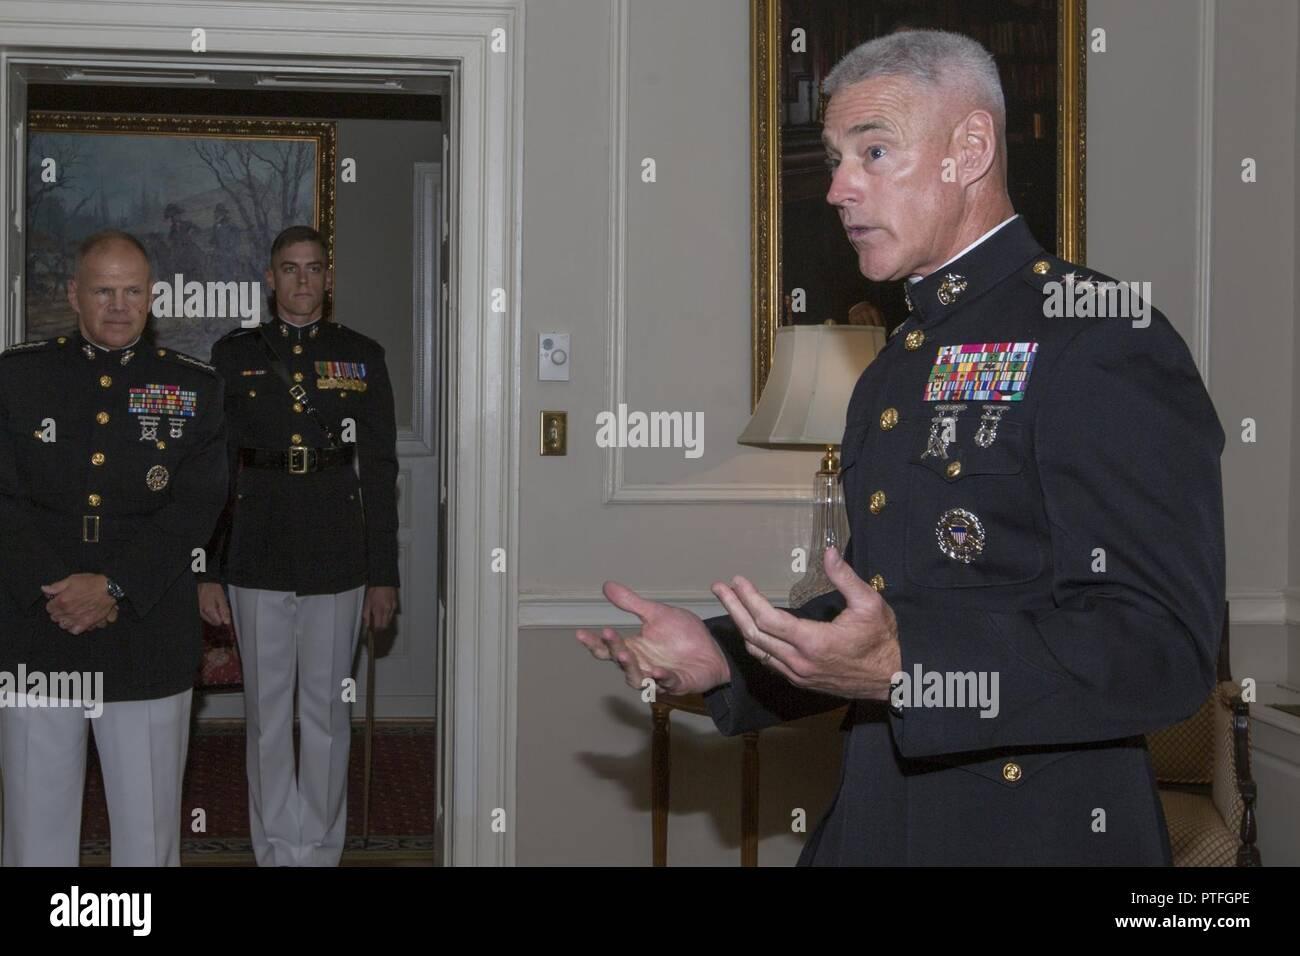 Le général du Corps des Marines américain Brian D. Beaudreault parle de Marines américains et parmi les invités à sa cérémonie de promotion, Marine Barracks Washington, Washington, D.C., le 21 juillet 2017. Beaudreault sera le commandant adjoint pour les plans, les politiques et les activités. Banque D'Images